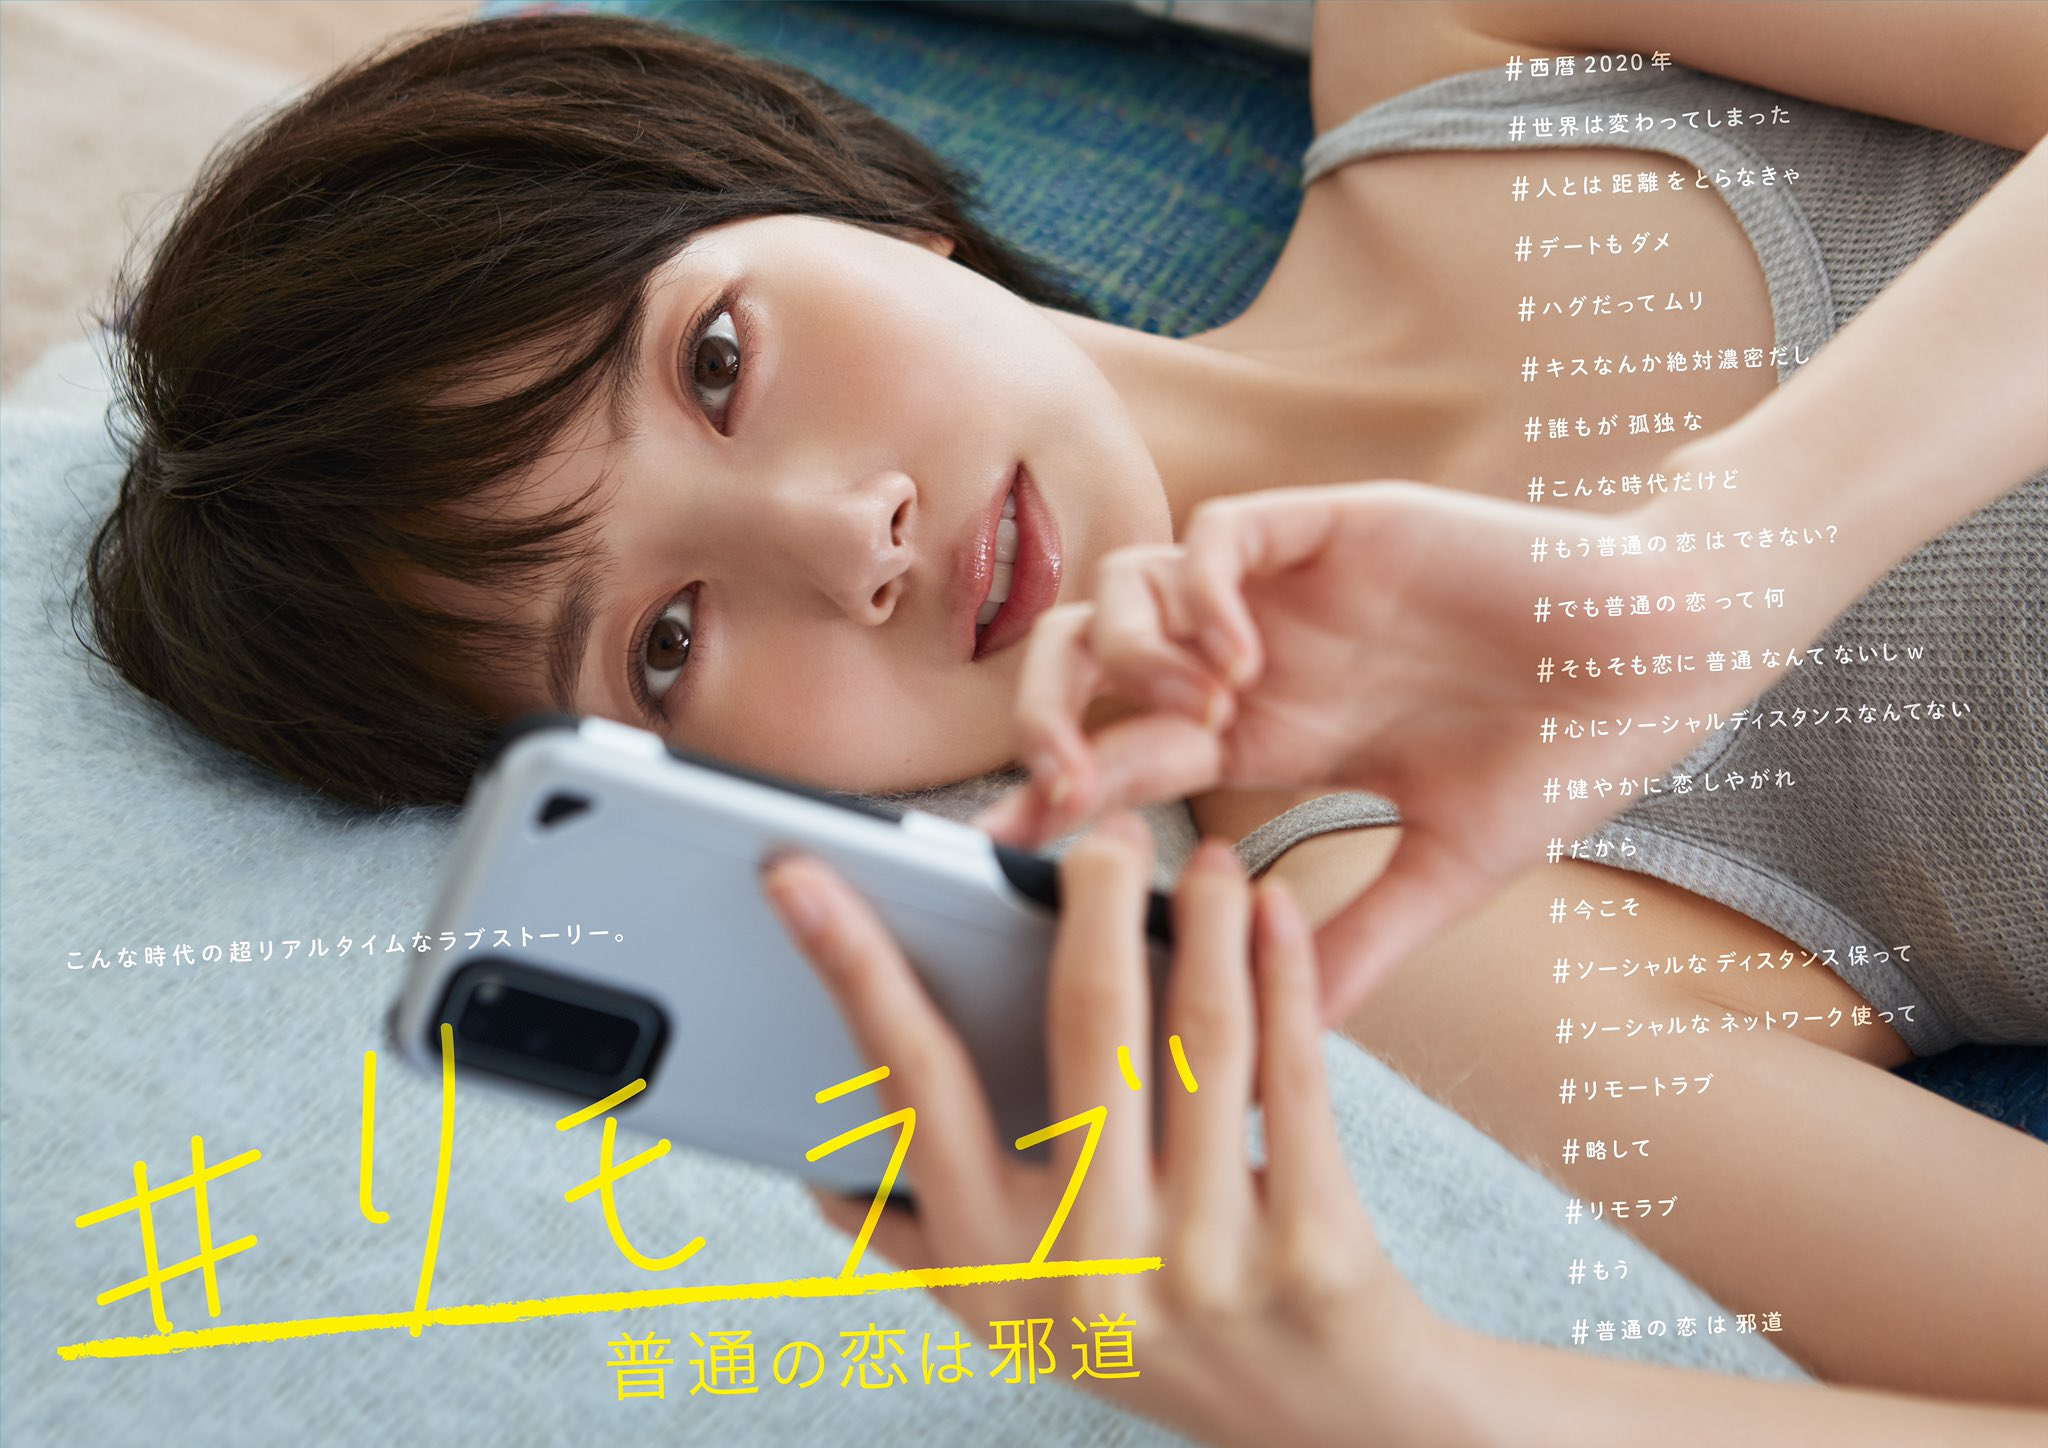 2020年秋季日剧推荐:远程恋爱~普通的恋爱是邪道~